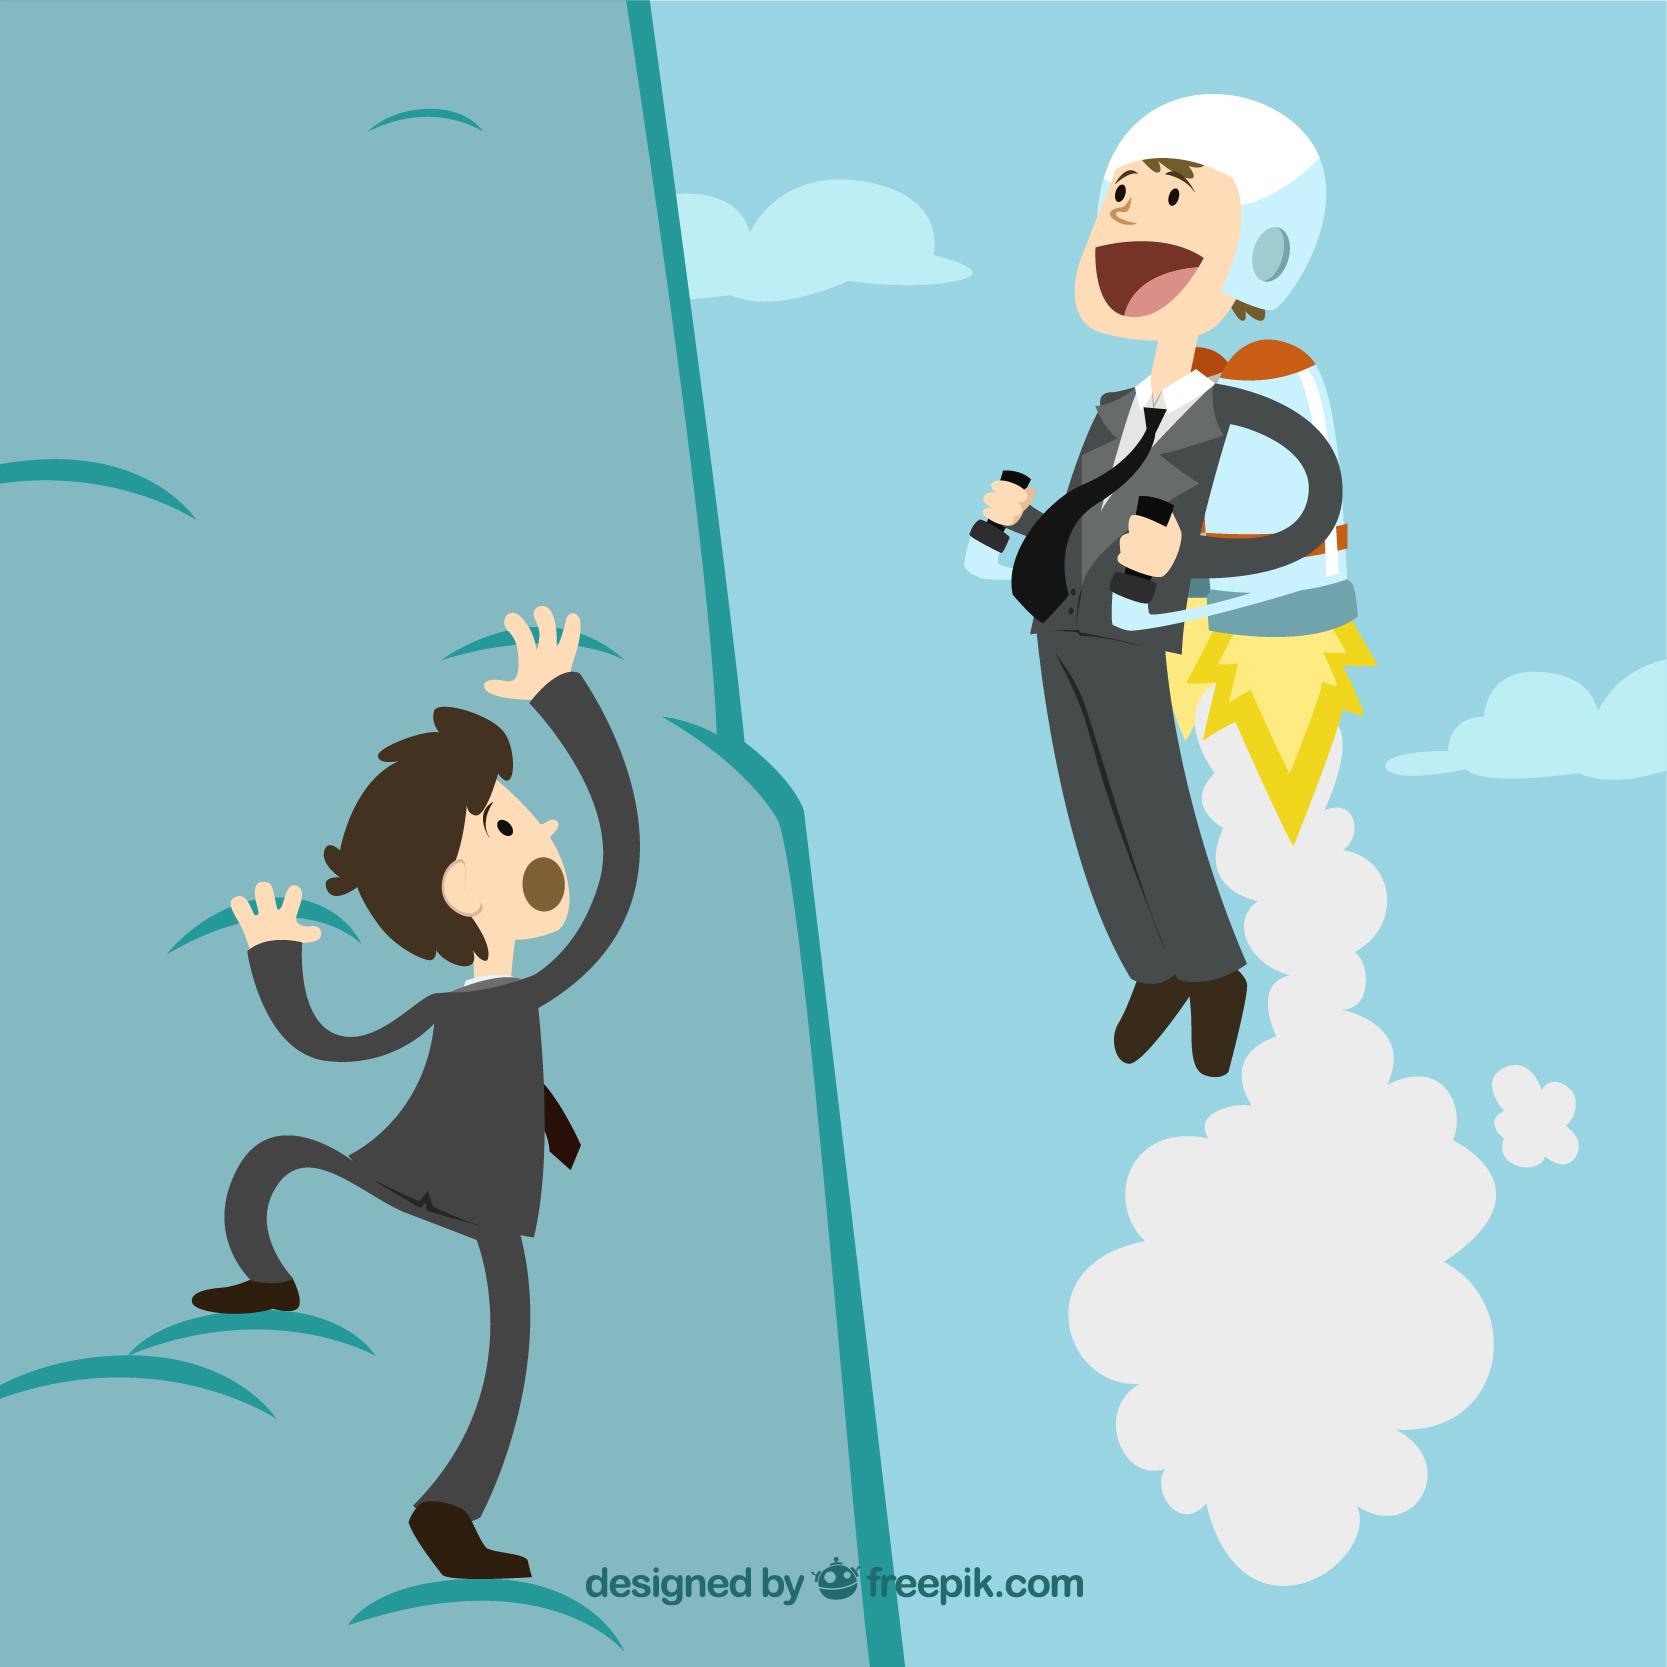 emprendedor, candidato, consejos, lider, empresario, negocios